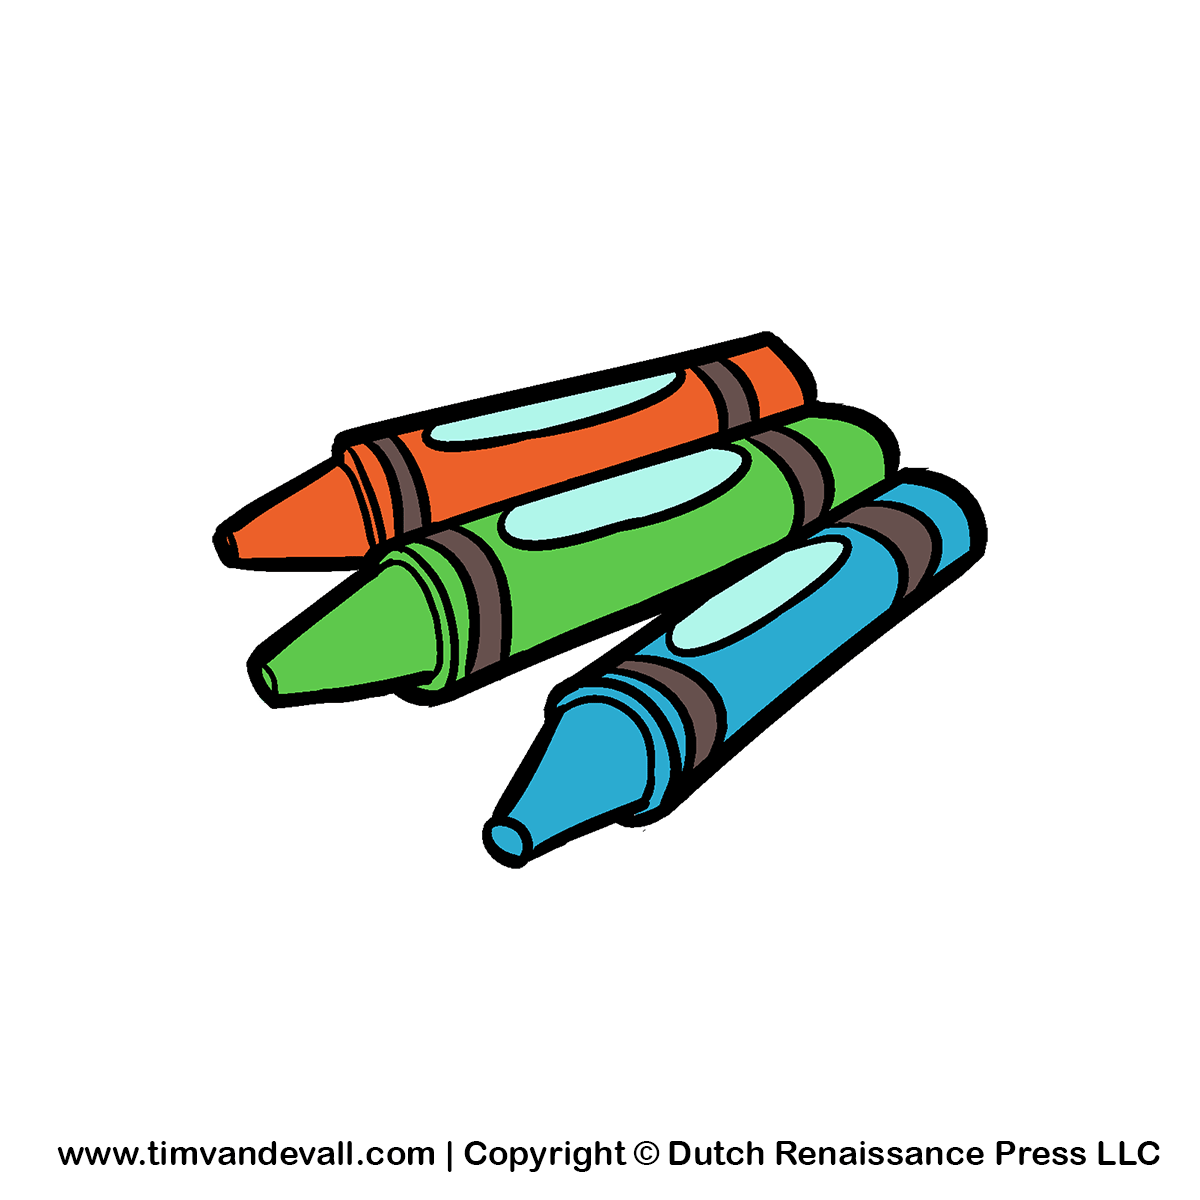 Crayons clipart 2 crayon. Of cartoon gclipart com